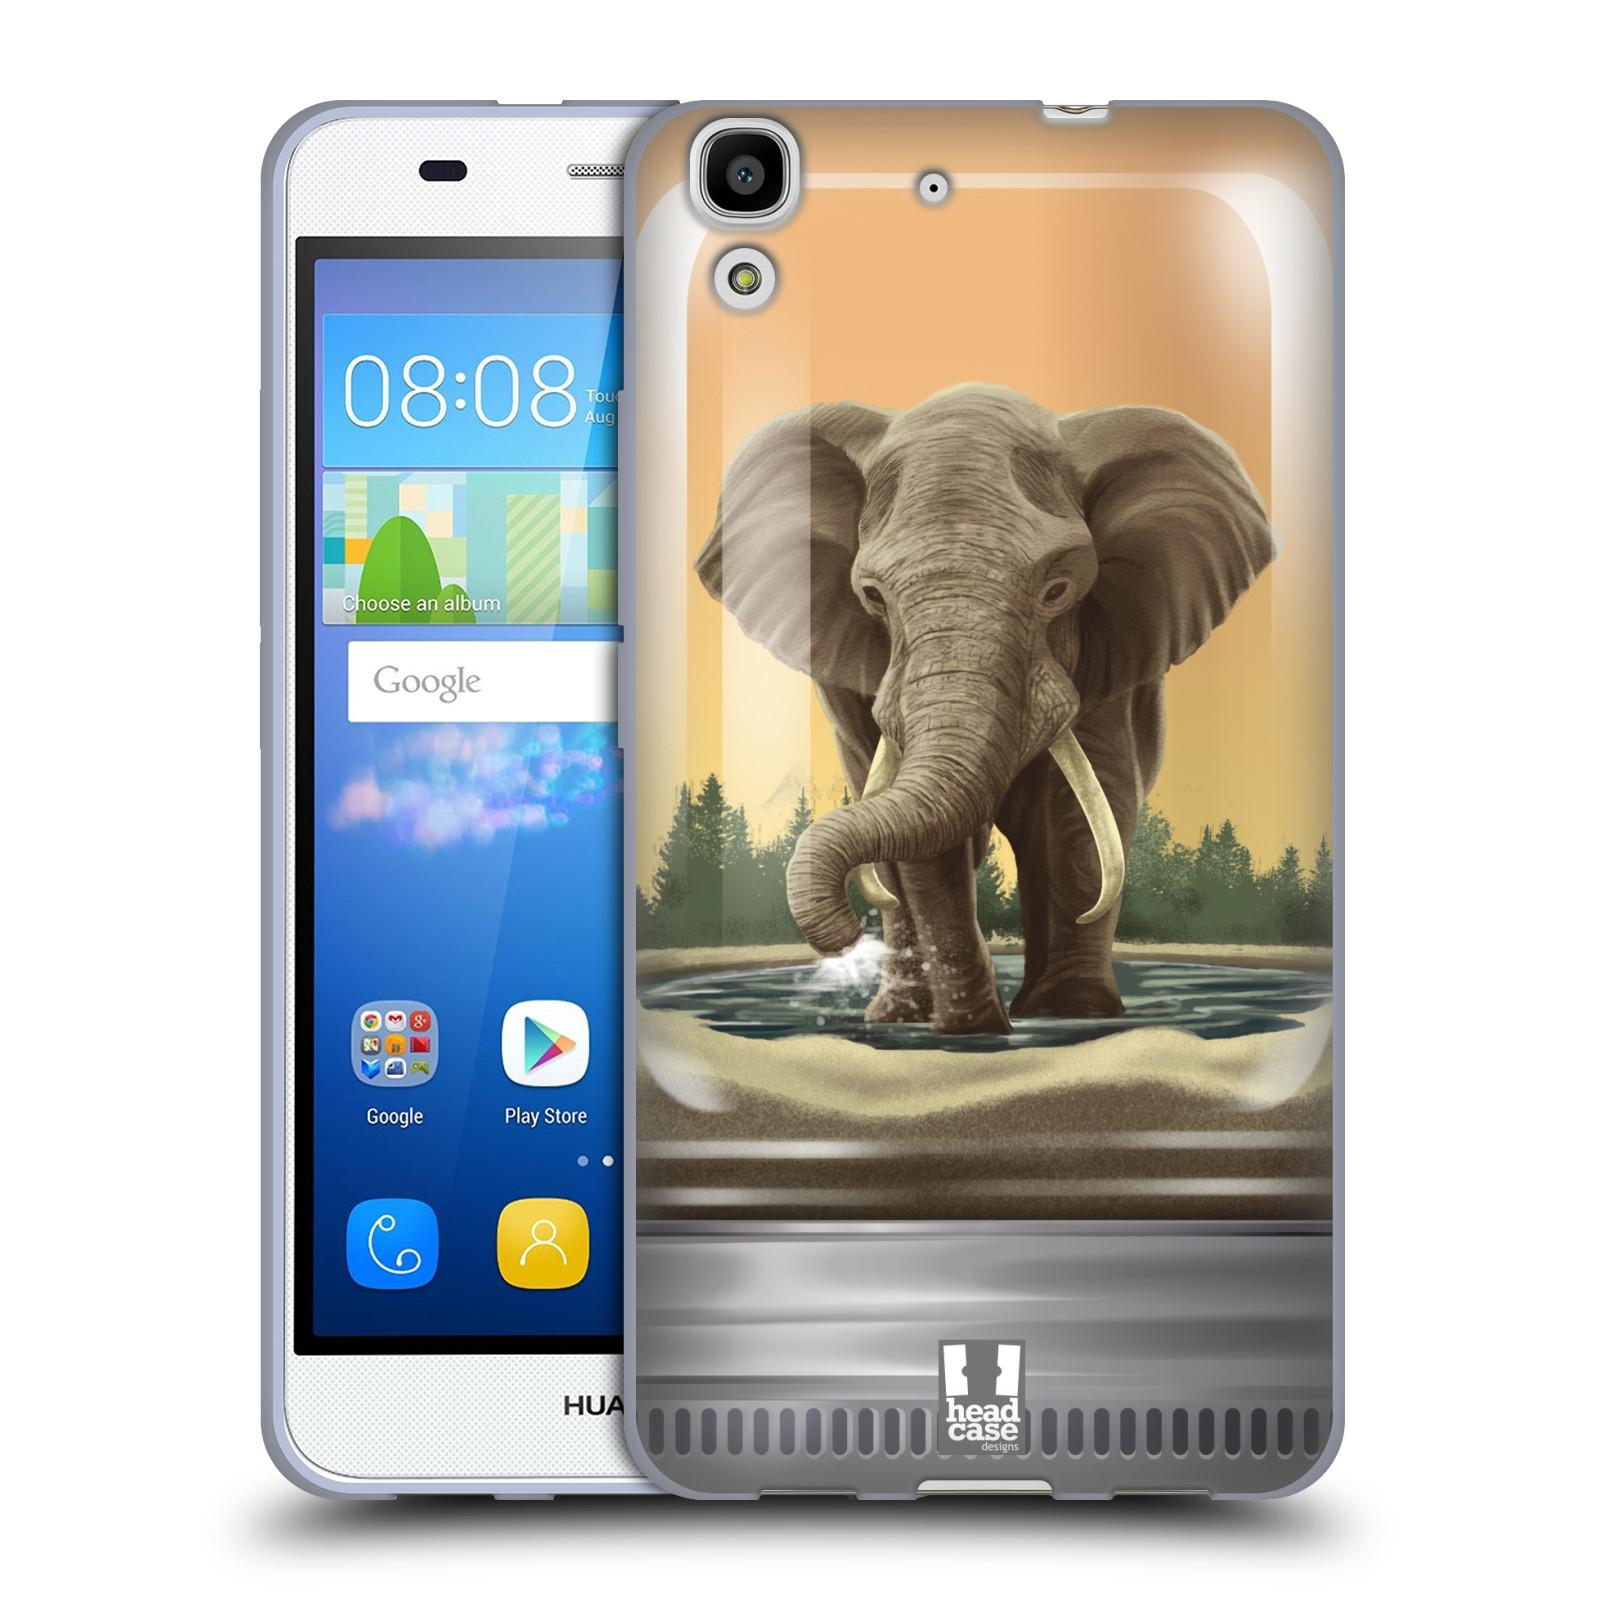 HEAD CASE silikonový obal na mobil HUAWEI Y6 vzor Zvířátka v těžítku slon